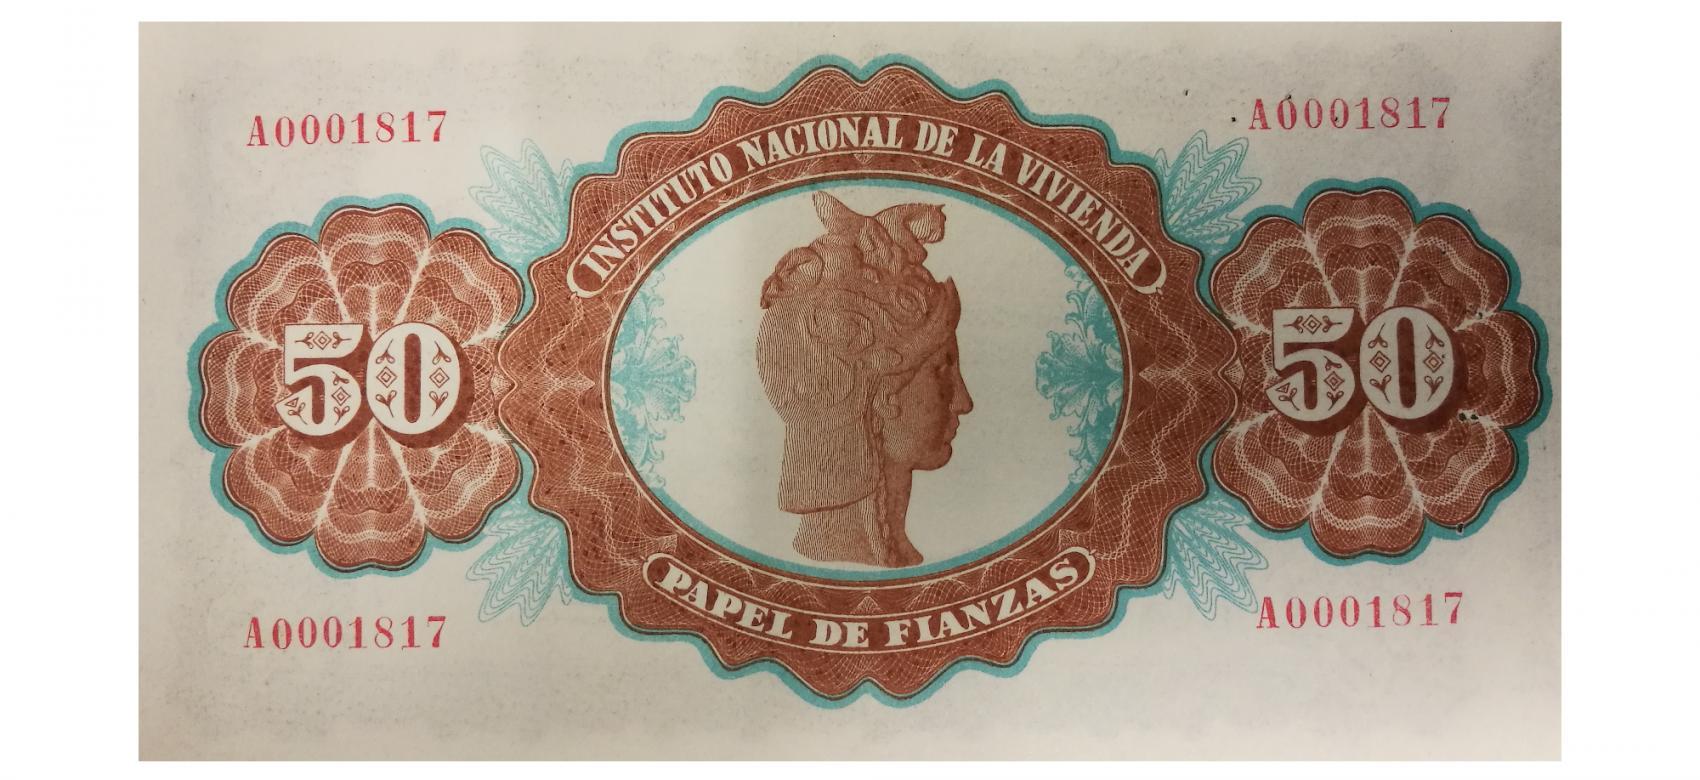 Papel de Fianzas del Estado de 50 pesetas emitidos en 1940